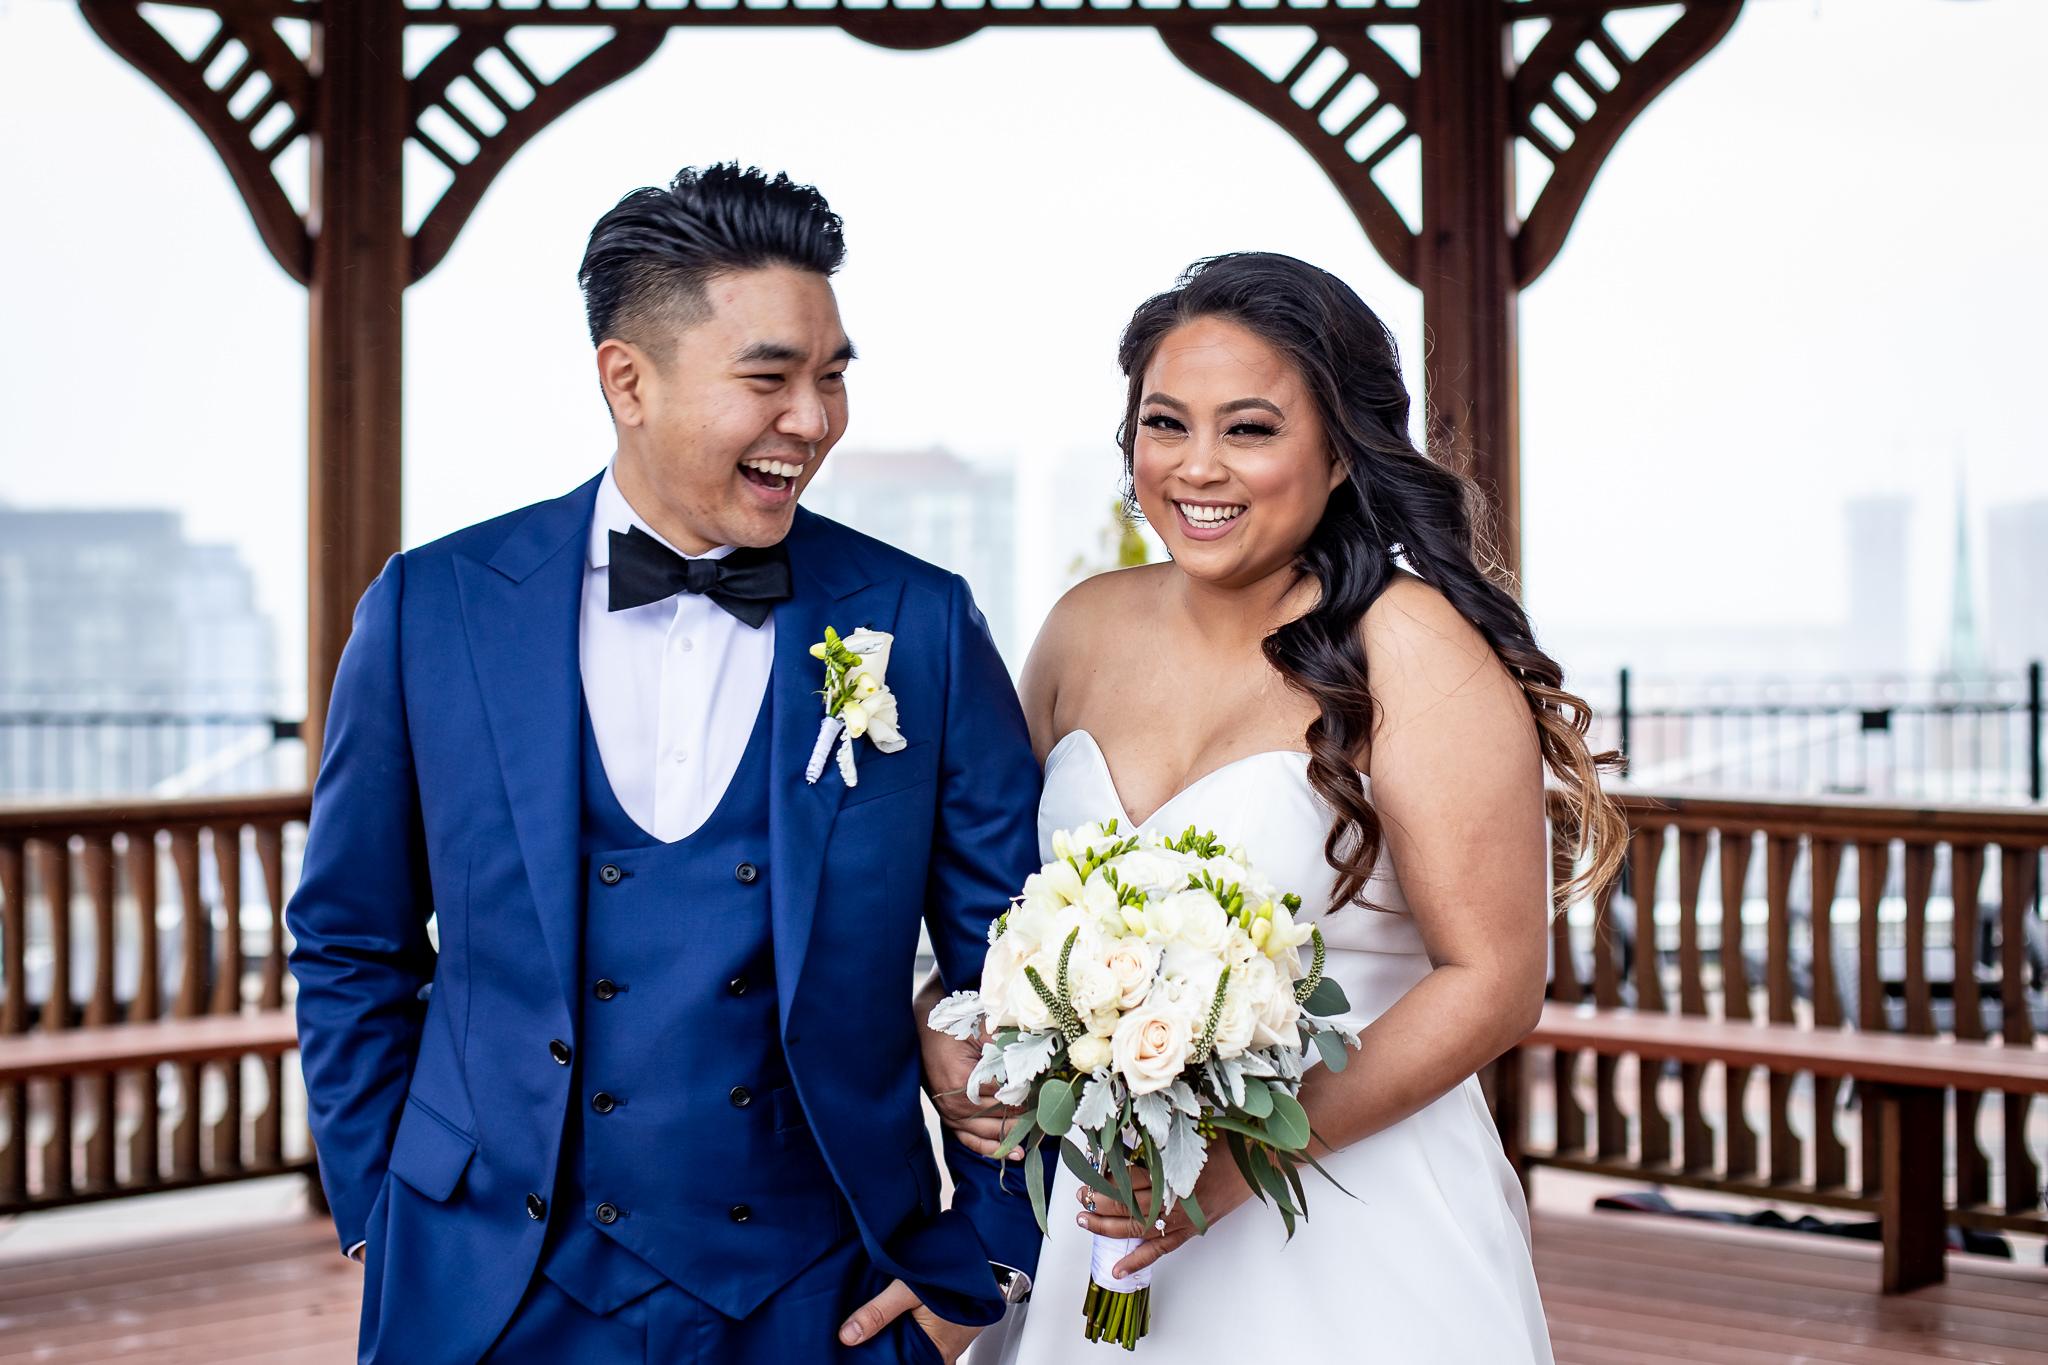 berkeley-wedding-photos-31.jpg